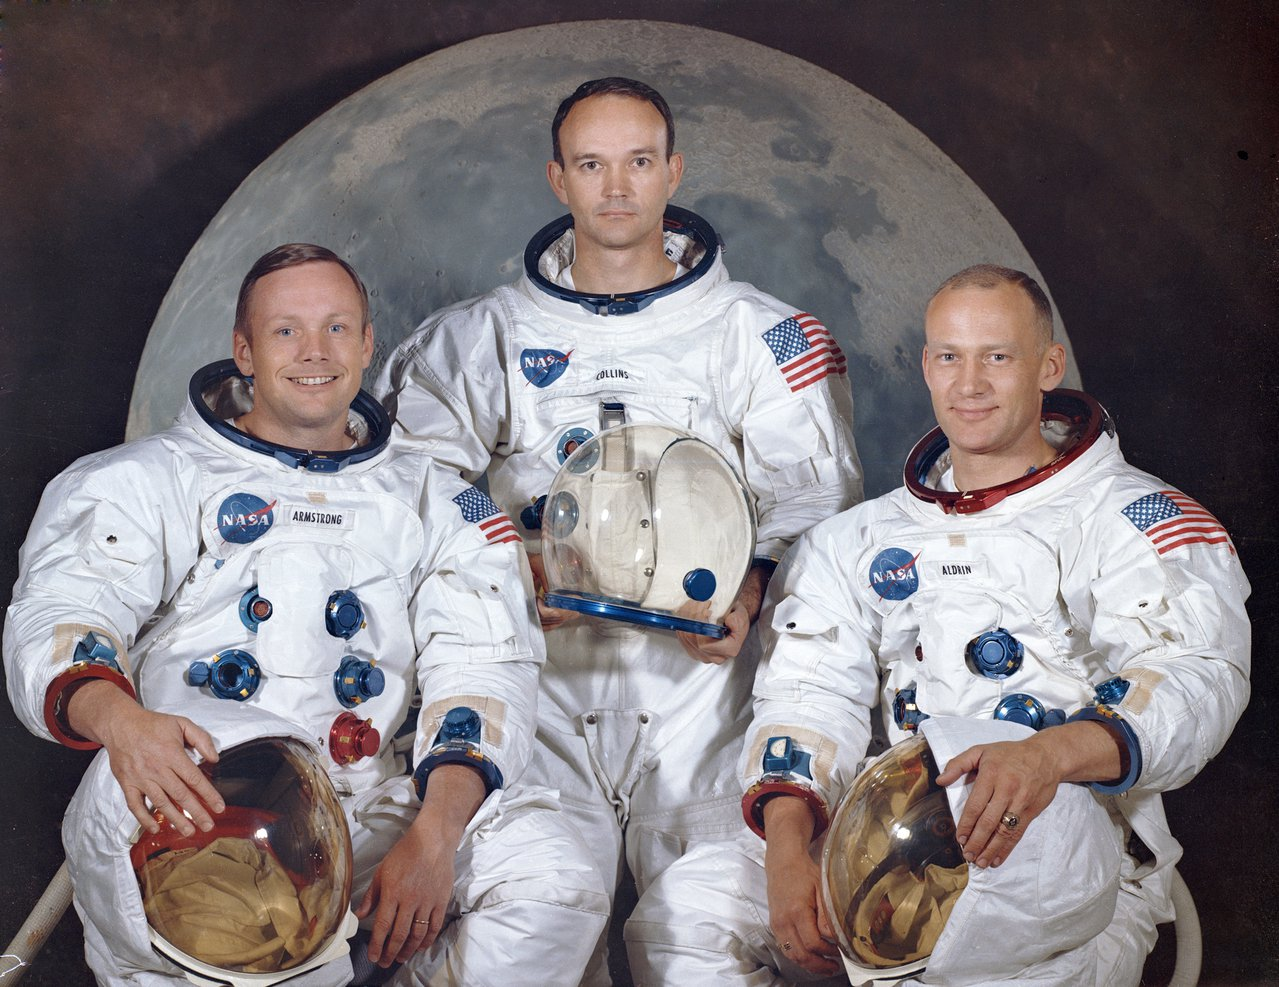 阿波羅11號的三位太空人,由左至右依序是阿姆斯壯、柯林斯、艾德林。照片攝於196...